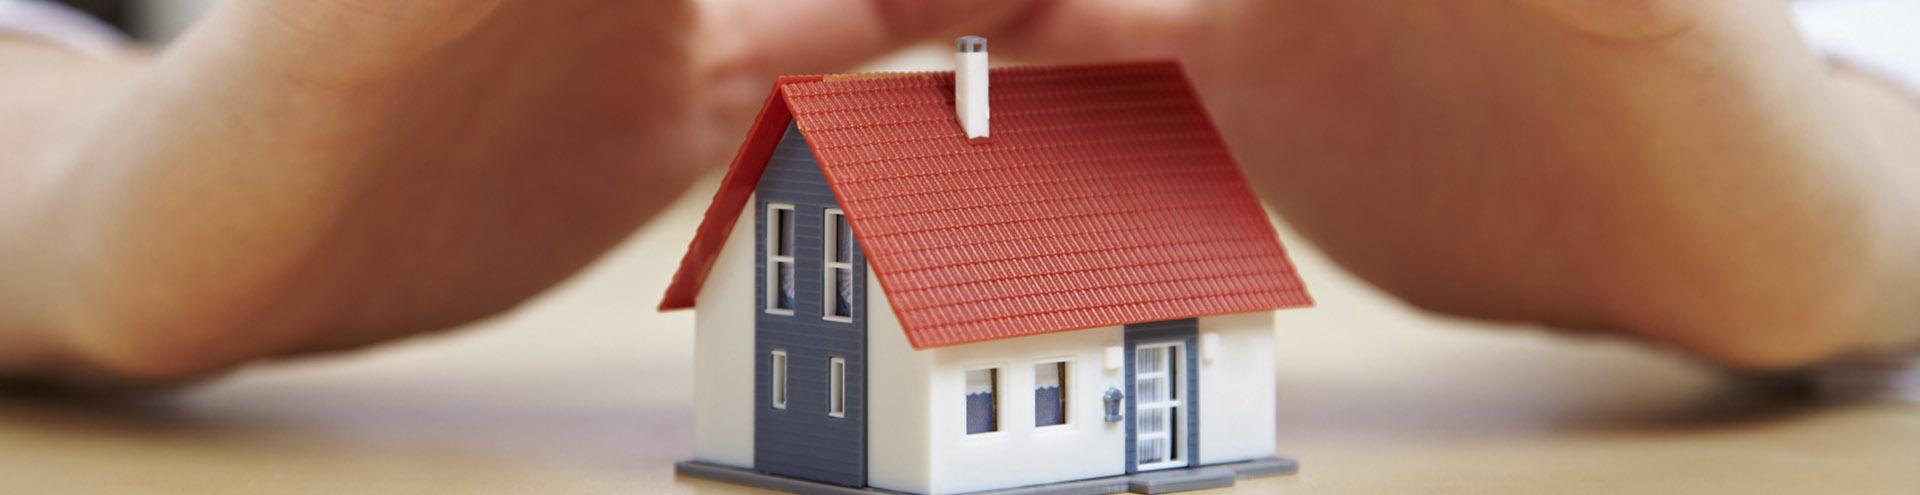 Юристы по жилищным вопросам в перми